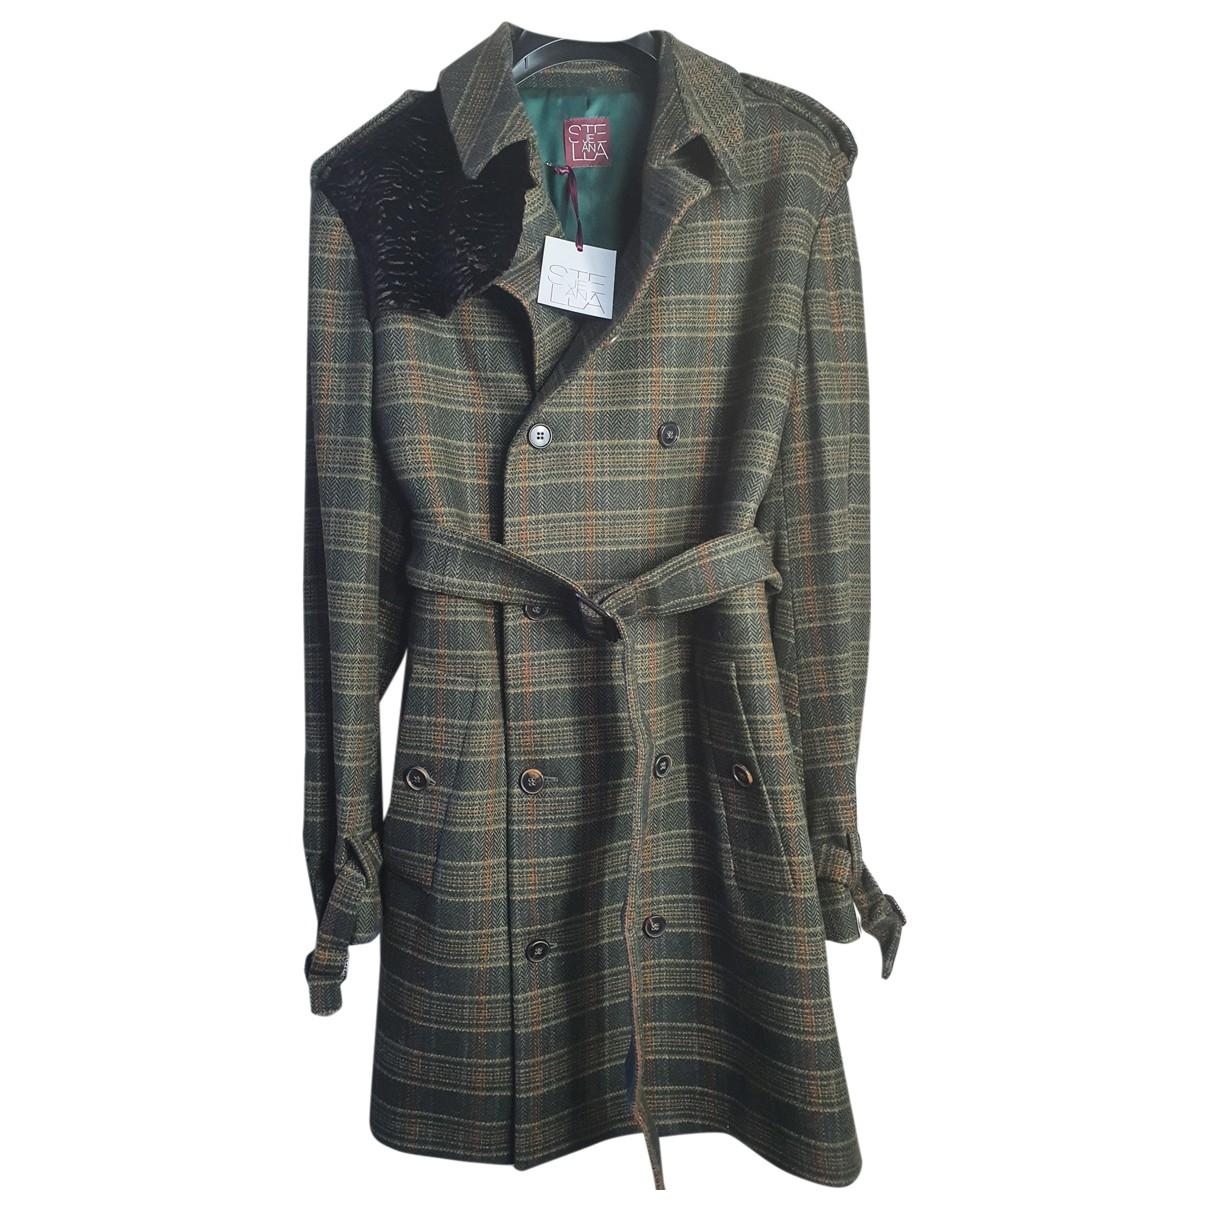 Stella Jean - Manteau   pour homme en laine - multicolore